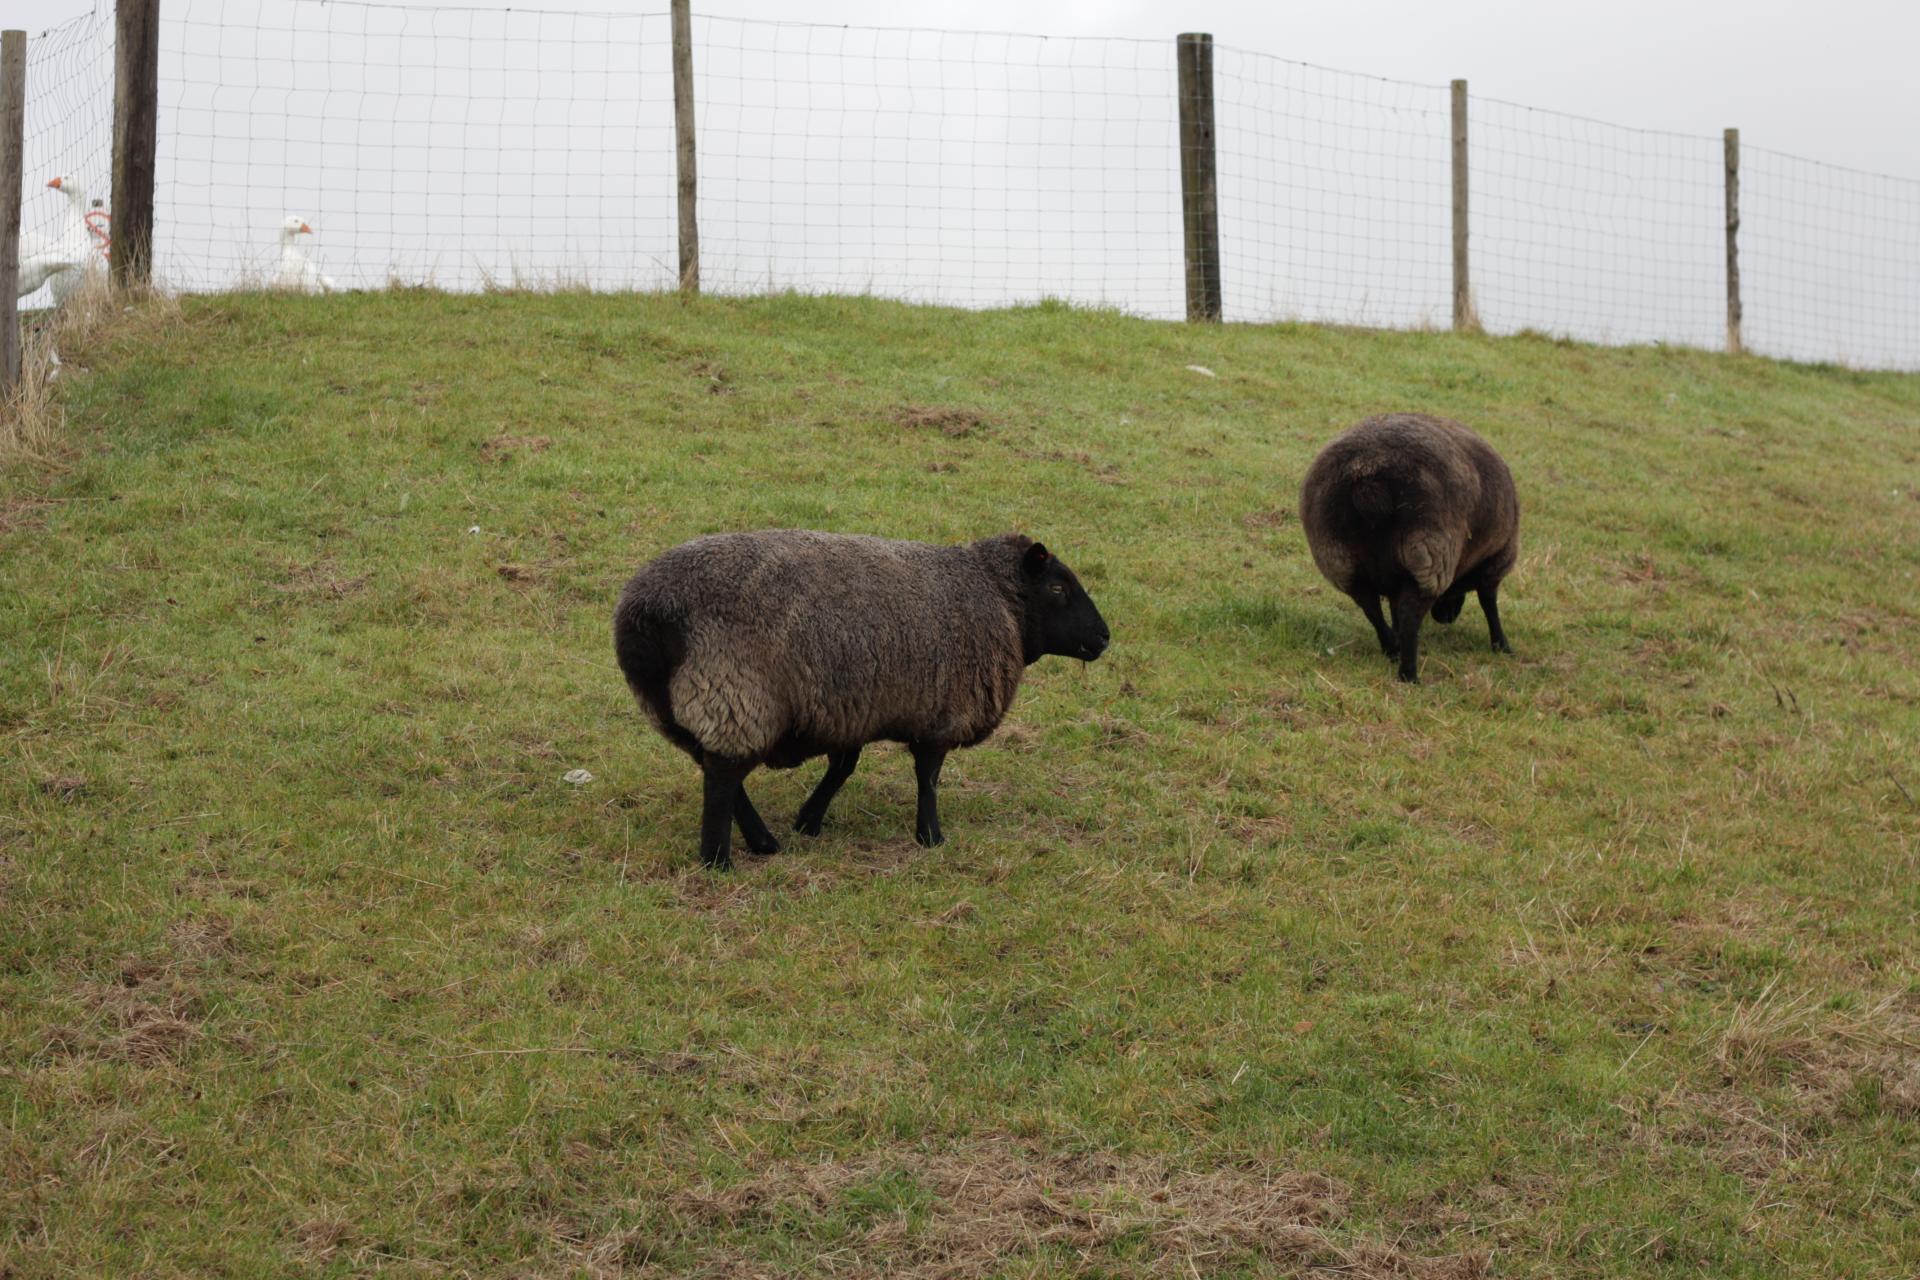 μαύρο πρόβατο